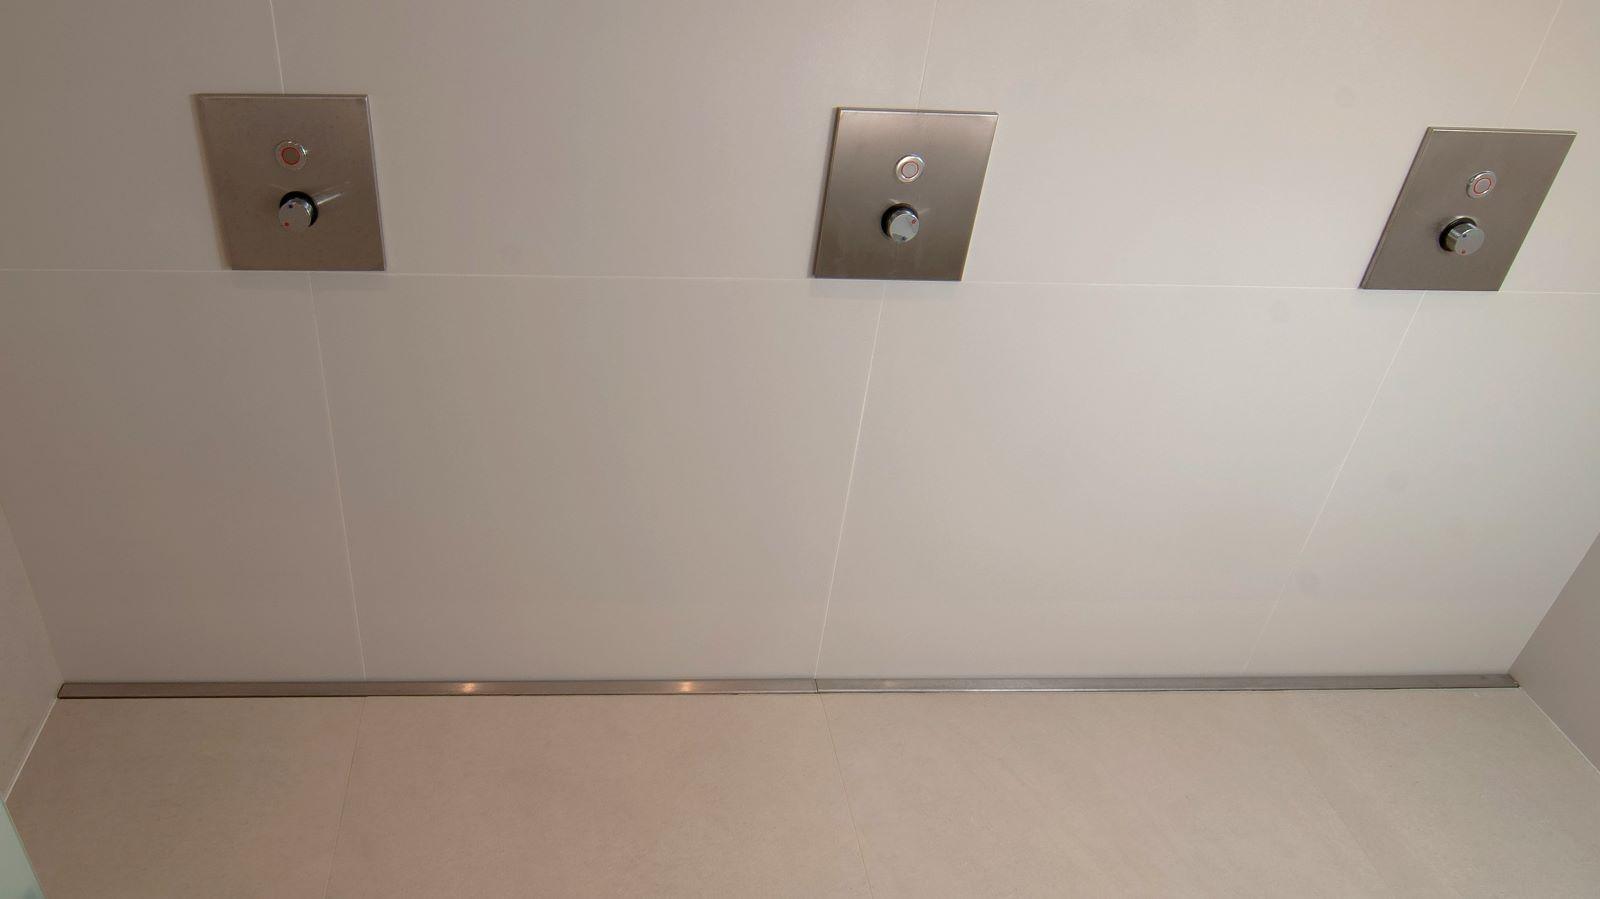 Abgebildet ist die unempfindliche v4a edelstahl-duschrinne pro xxl, hier einfach und unauffaellig wandbuendig in einer reihendusche installiert. Die passgenau gefertigte, extra lange duschrinne pro xxl wird cm-genau bis 600 cm massgefertigt.